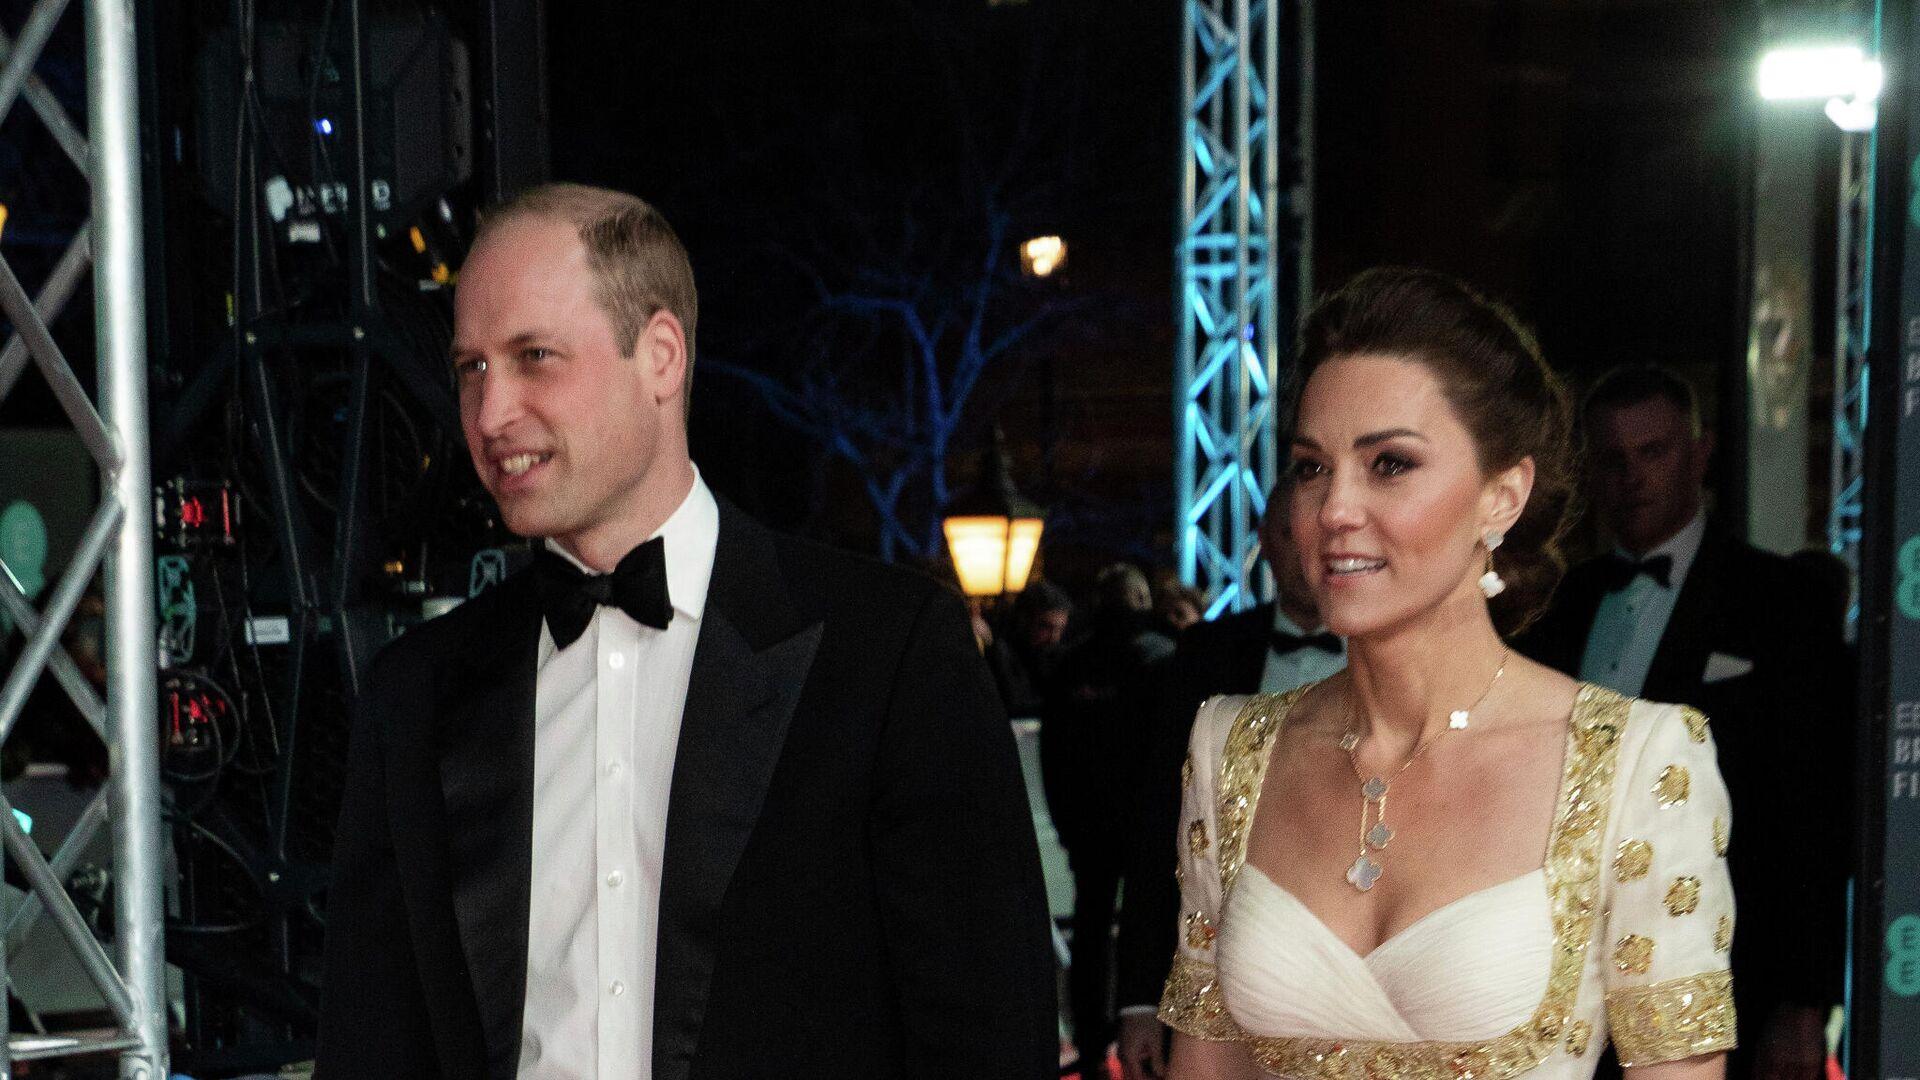 Кейт Миддлтон и принц Уильям на церемонии вручения премии BAFTA в Лондоне - РИА Новости, 1920, 29.04.2021